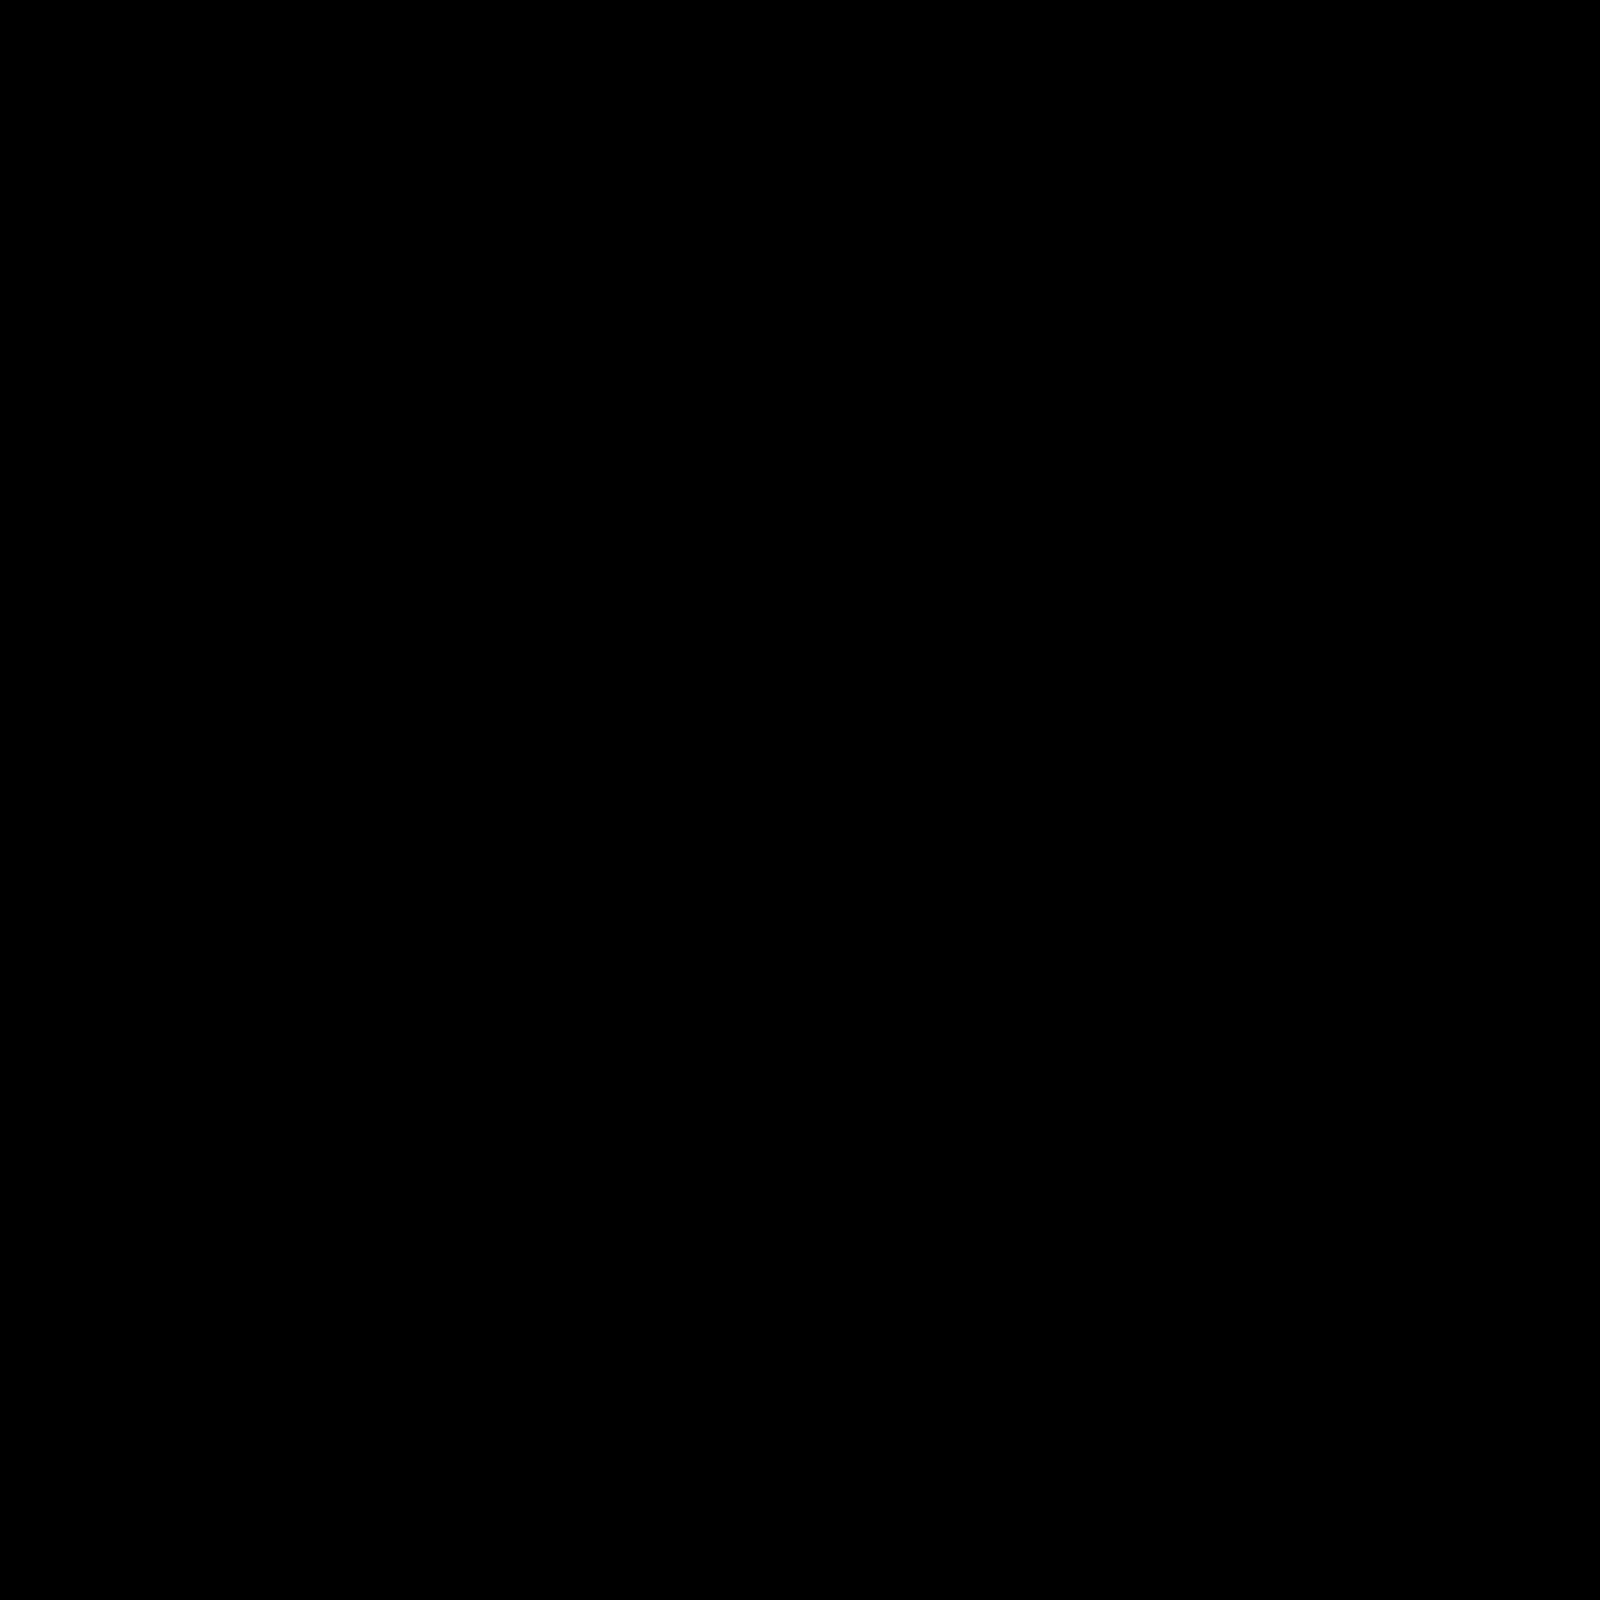 長方形 icon